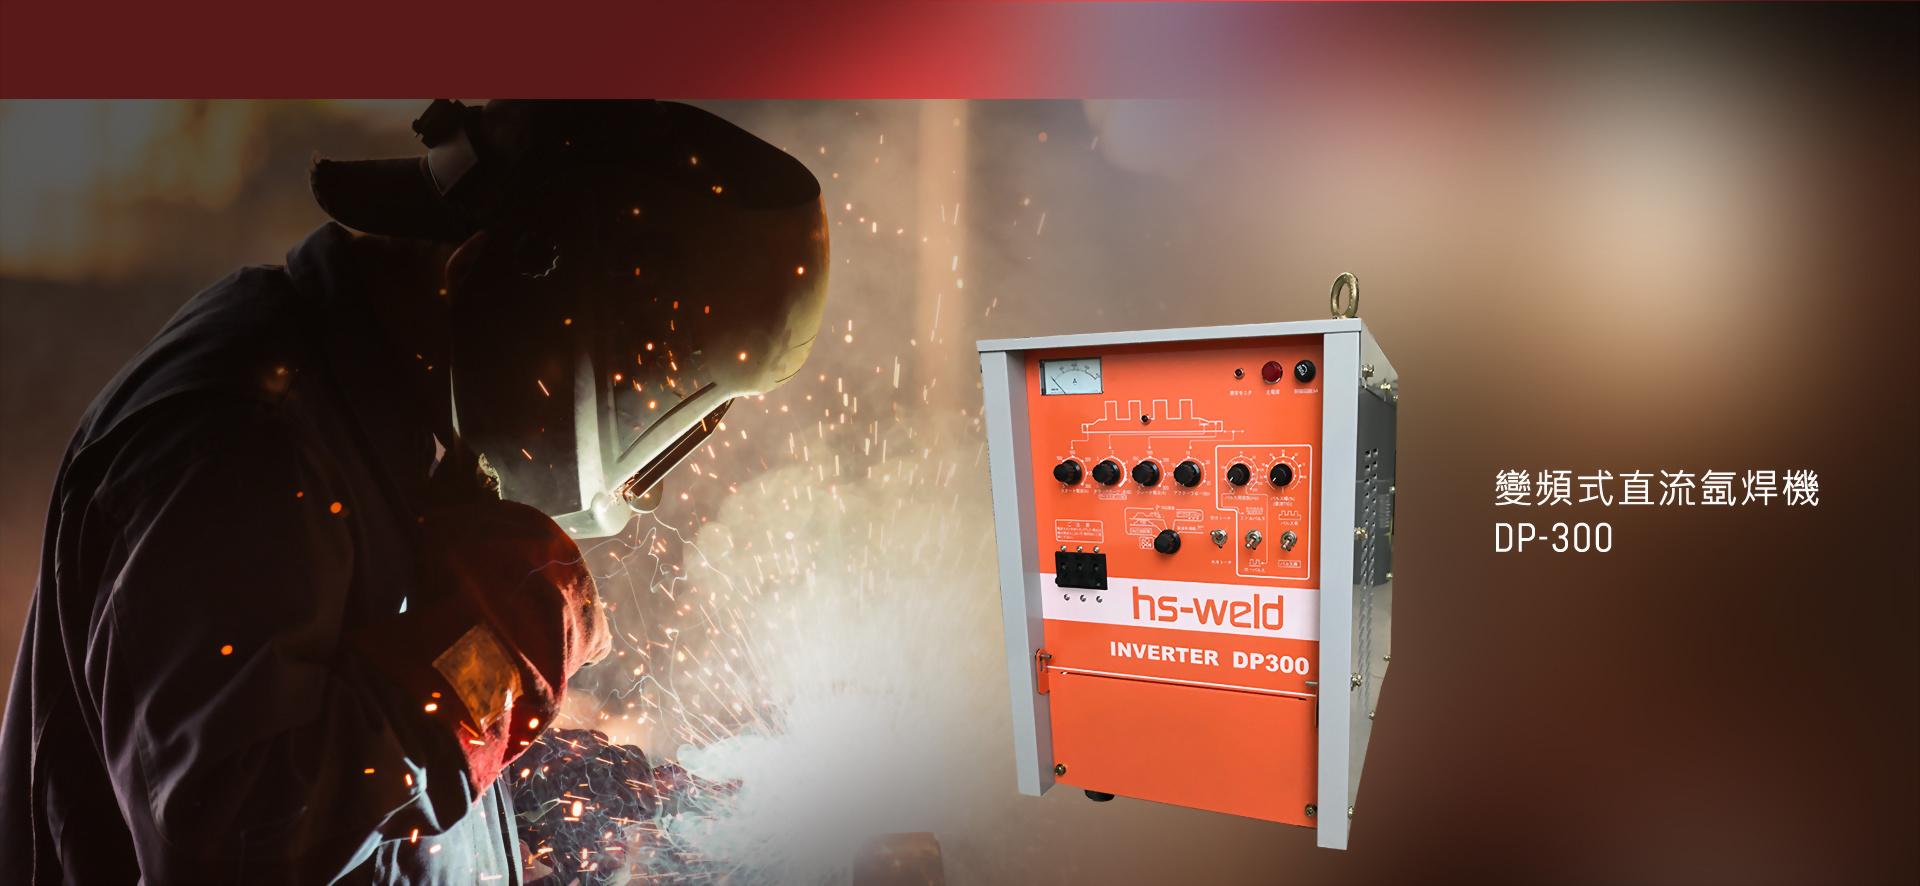 變頻式直流氬焊機 DP-300